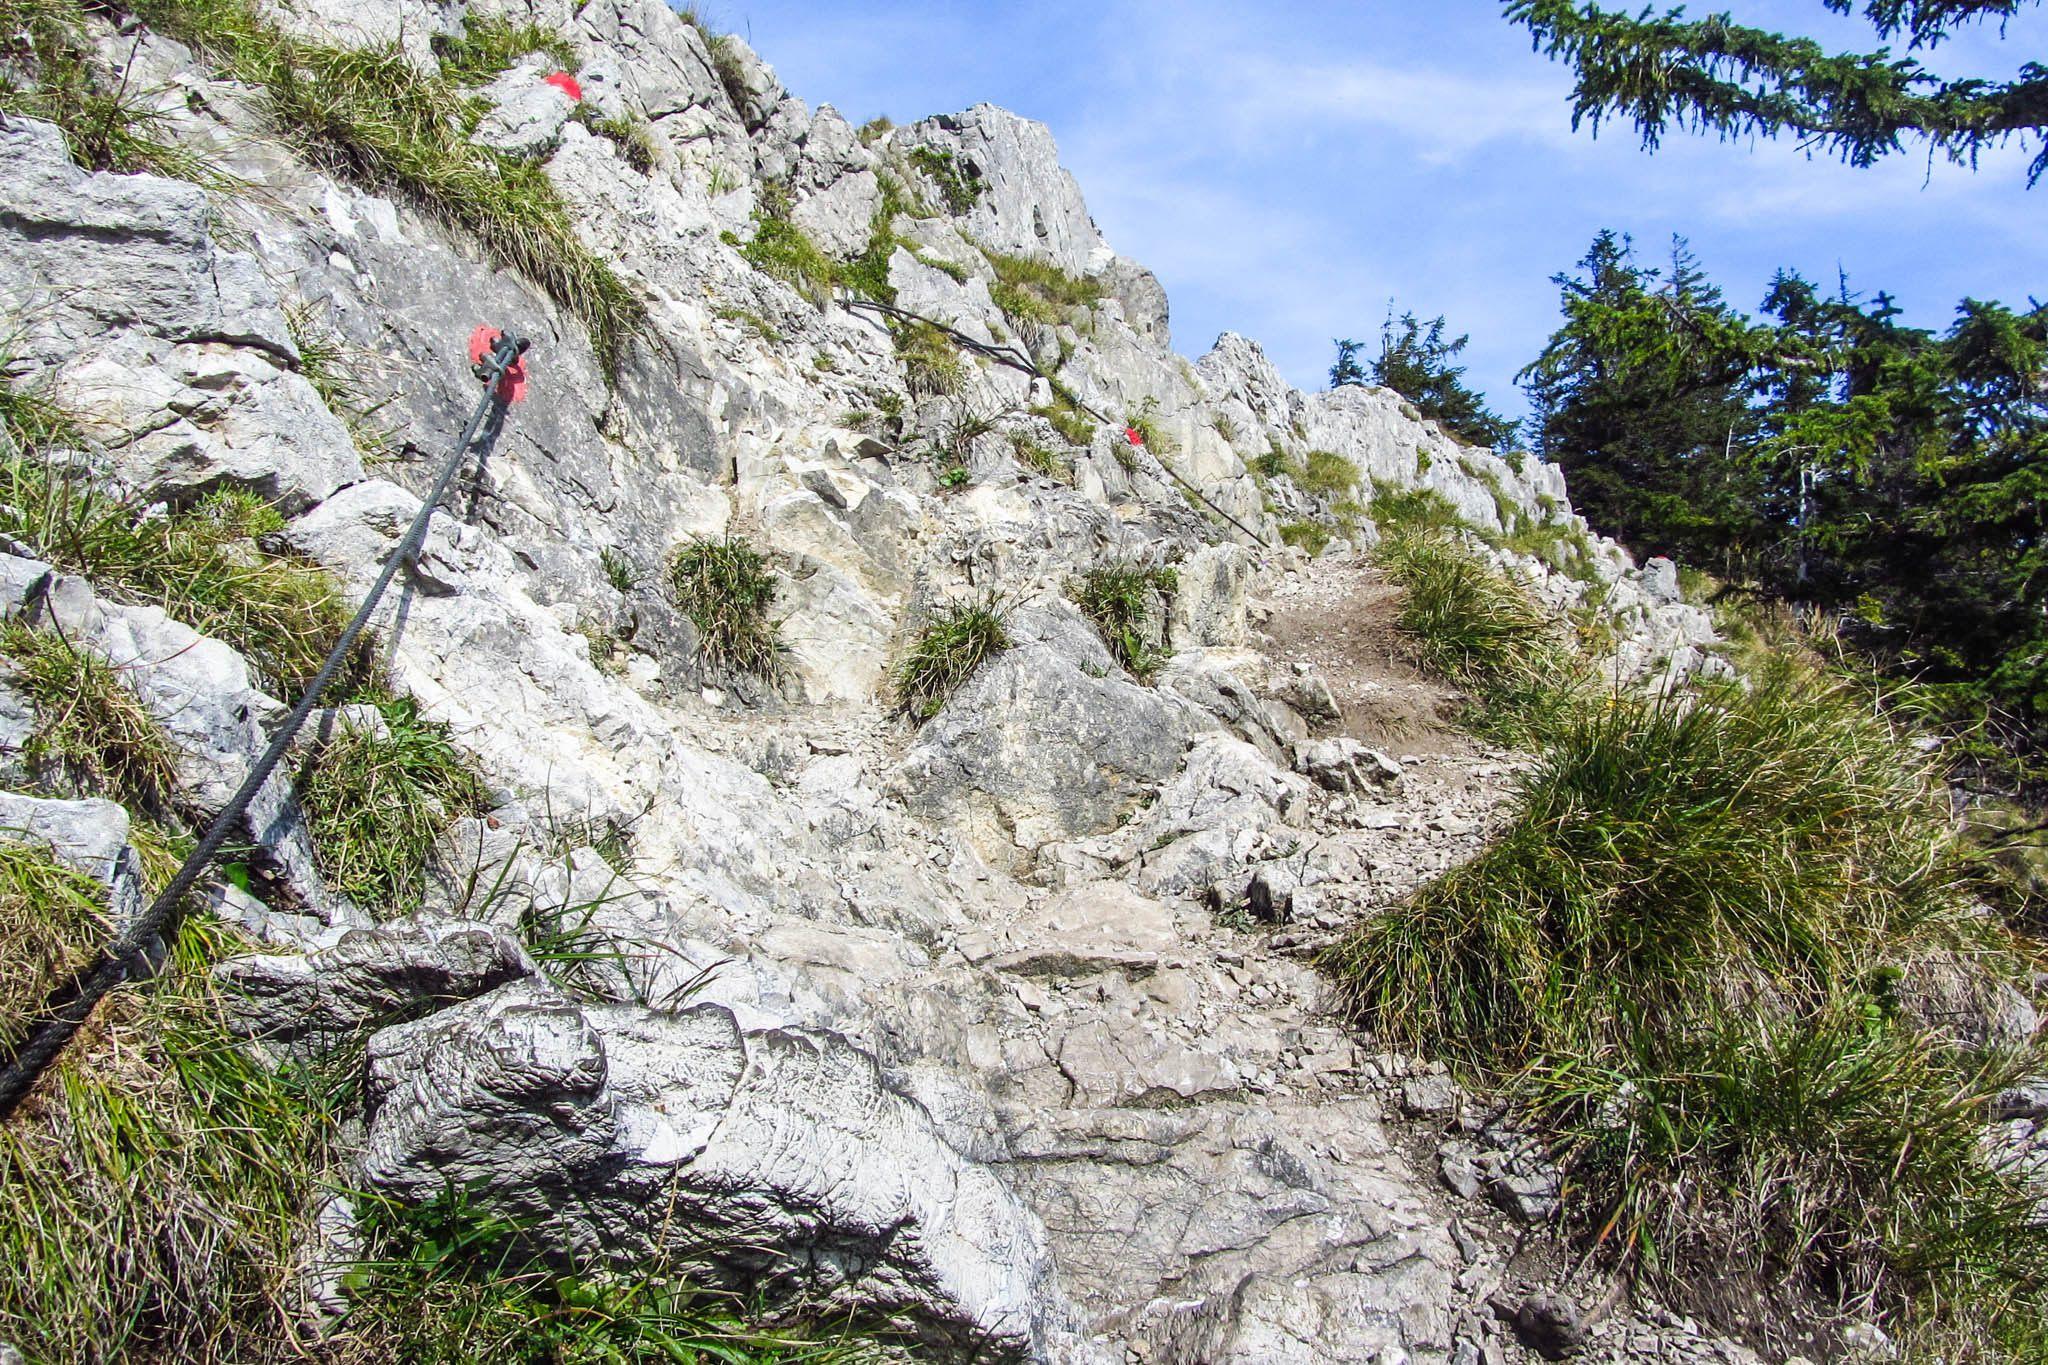 Ungewöhnliche Felsen am Brecherspitz-Gratweg